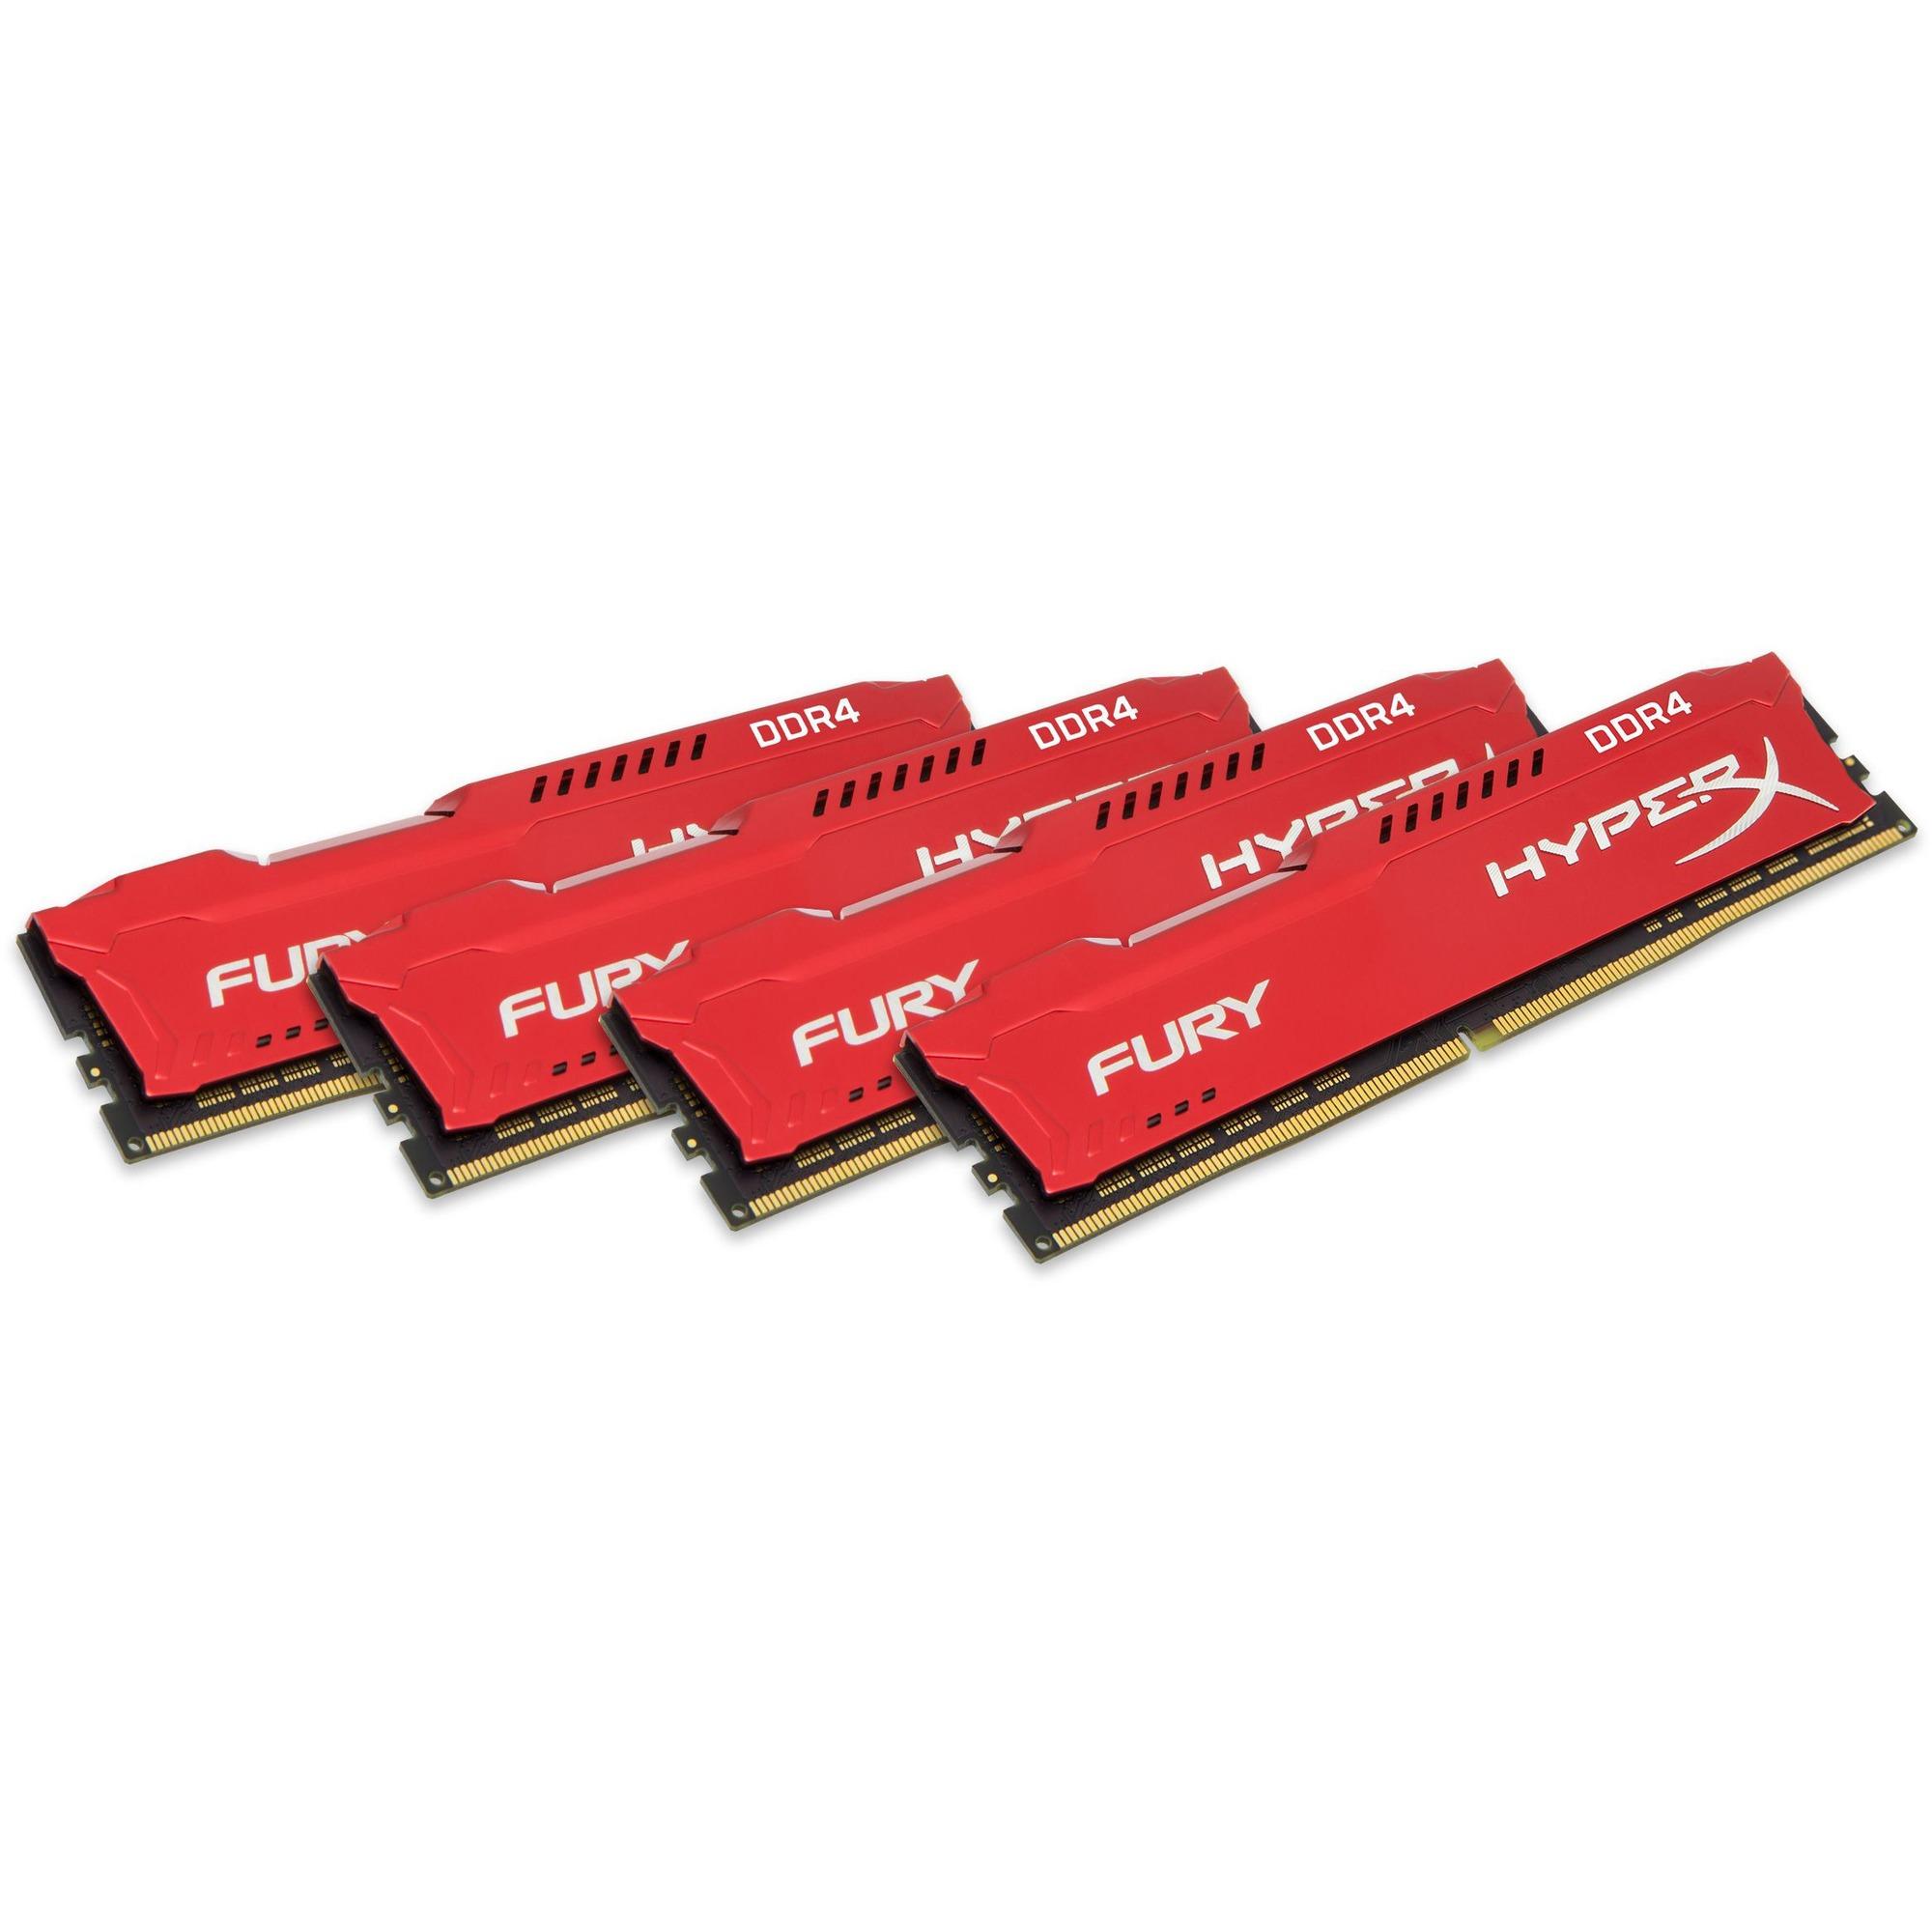 HyperX Fury Red 32GB 4x8GB DDR4 2133MHz Memory